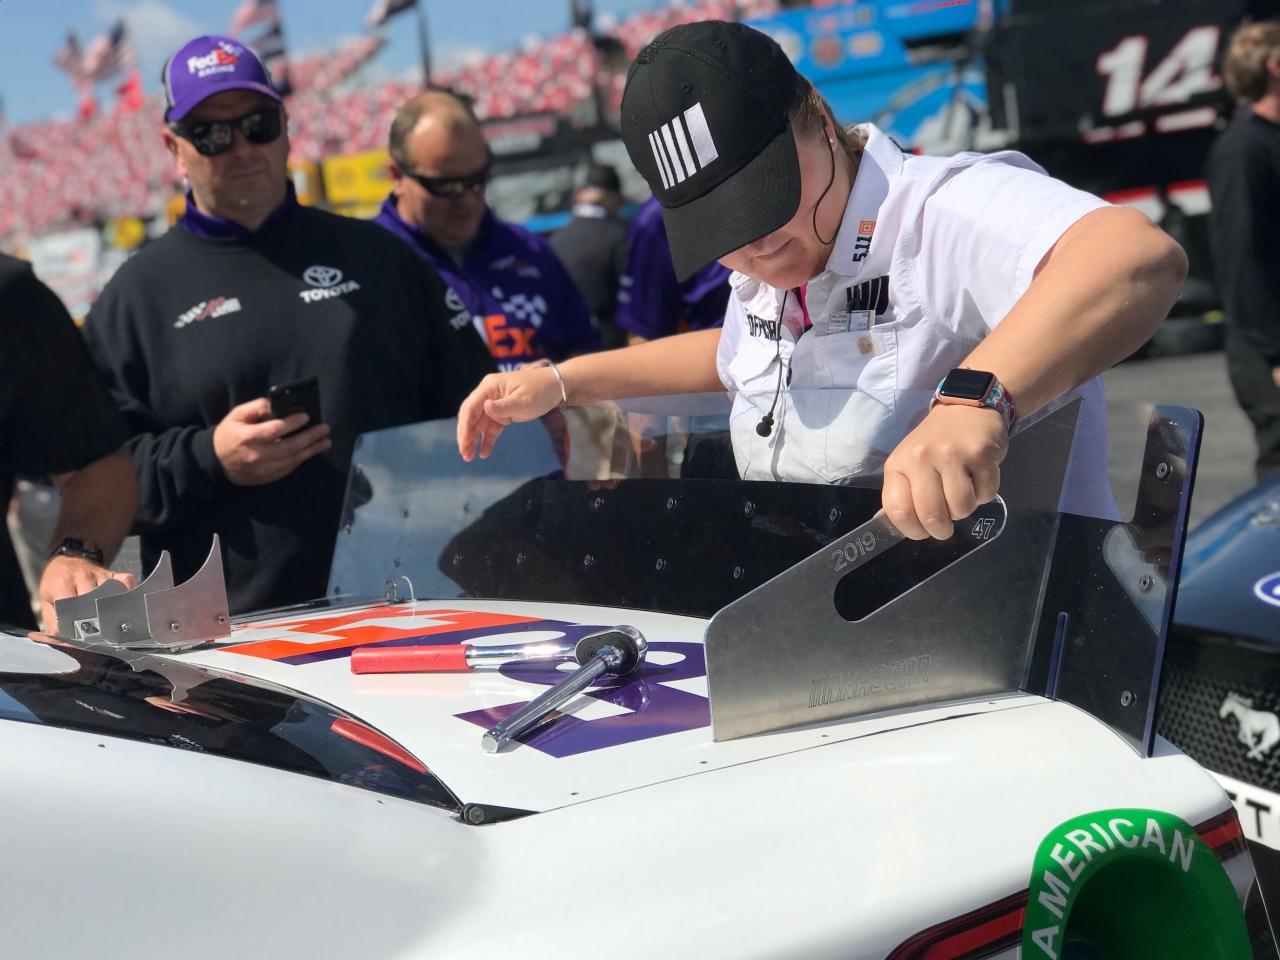 NASCAR Tech Inspection at Talladega Superspeedway - Denny Hamlin